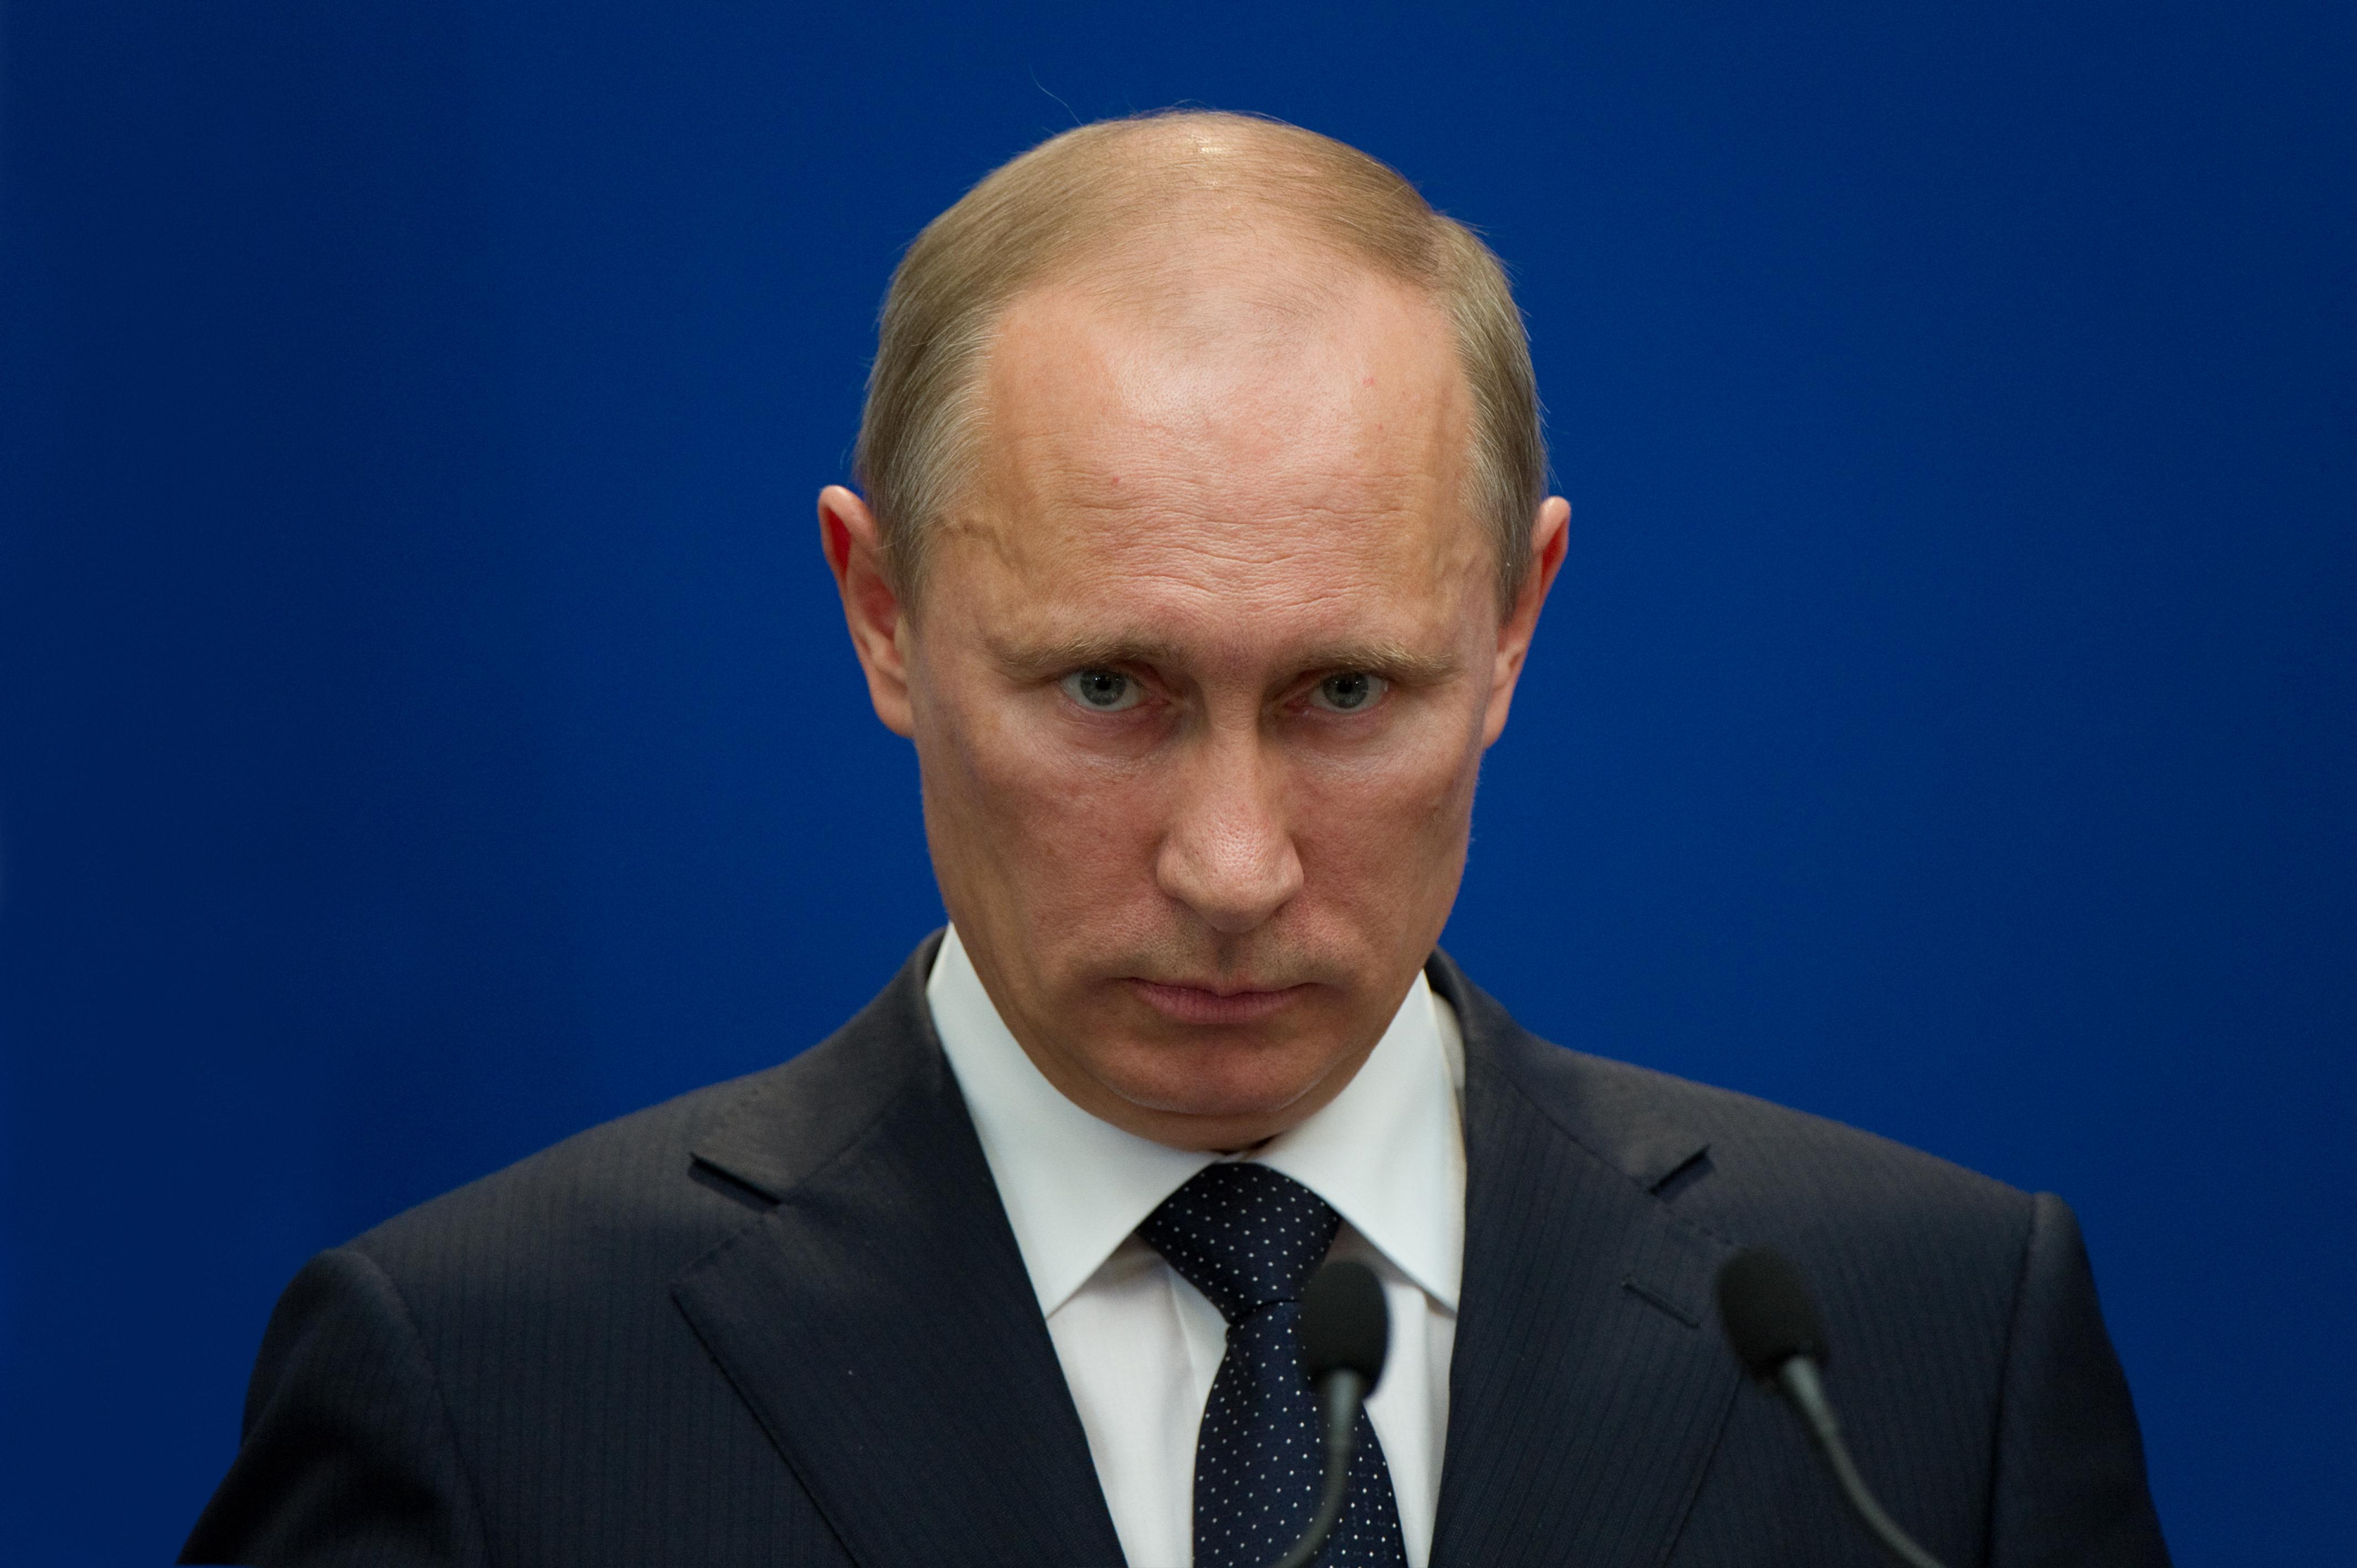 Președintele Liderul rus, Vladimir Putin, principalul aliat politic extern al președintelui Dodonrus, Vladimir Putin, acuzat de pregătirea unor asasinate în Ucraina